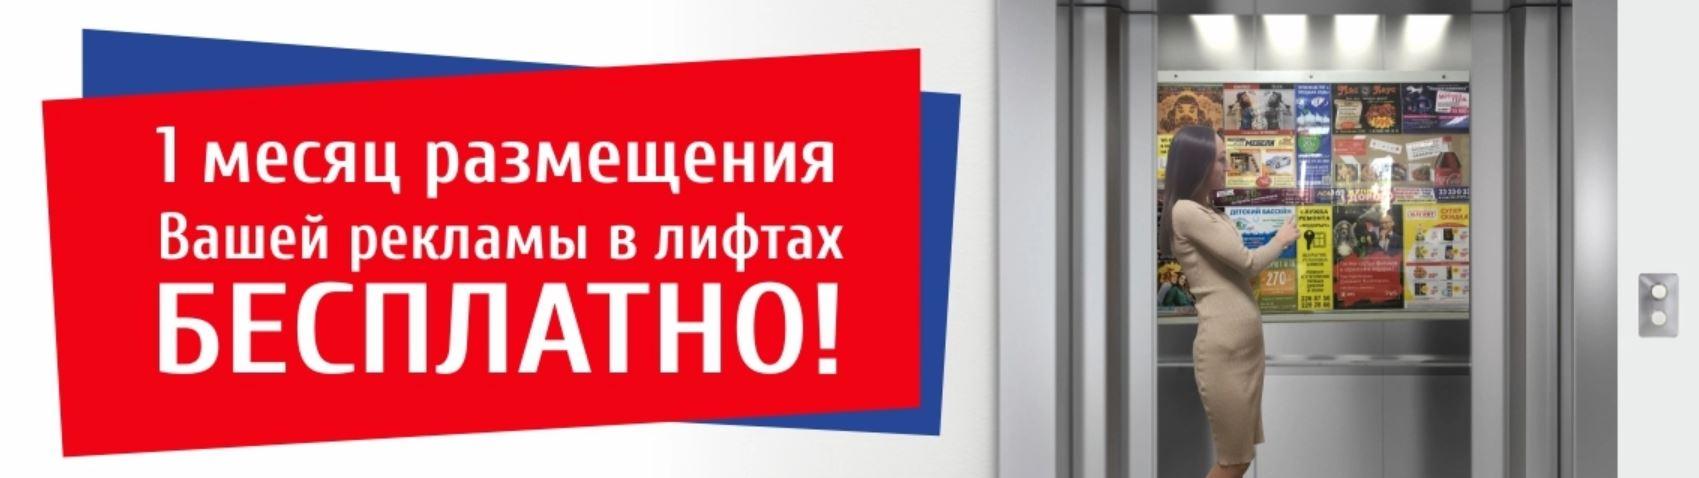 акция русмедиа фото